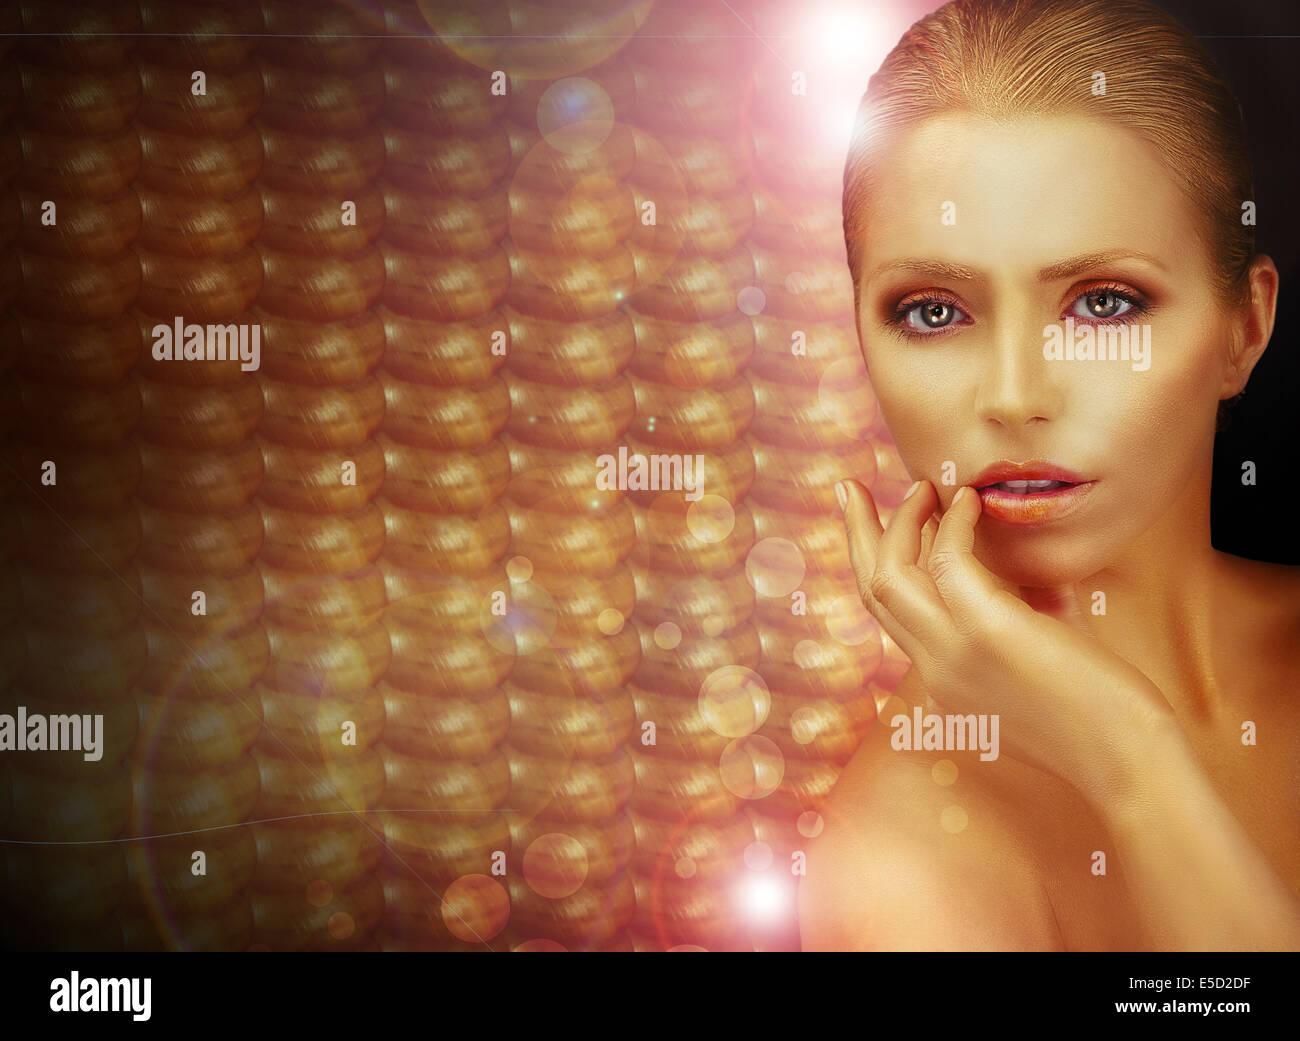 Fantasie. Schöne Frau über funkelnde Goldgrund Stockbild